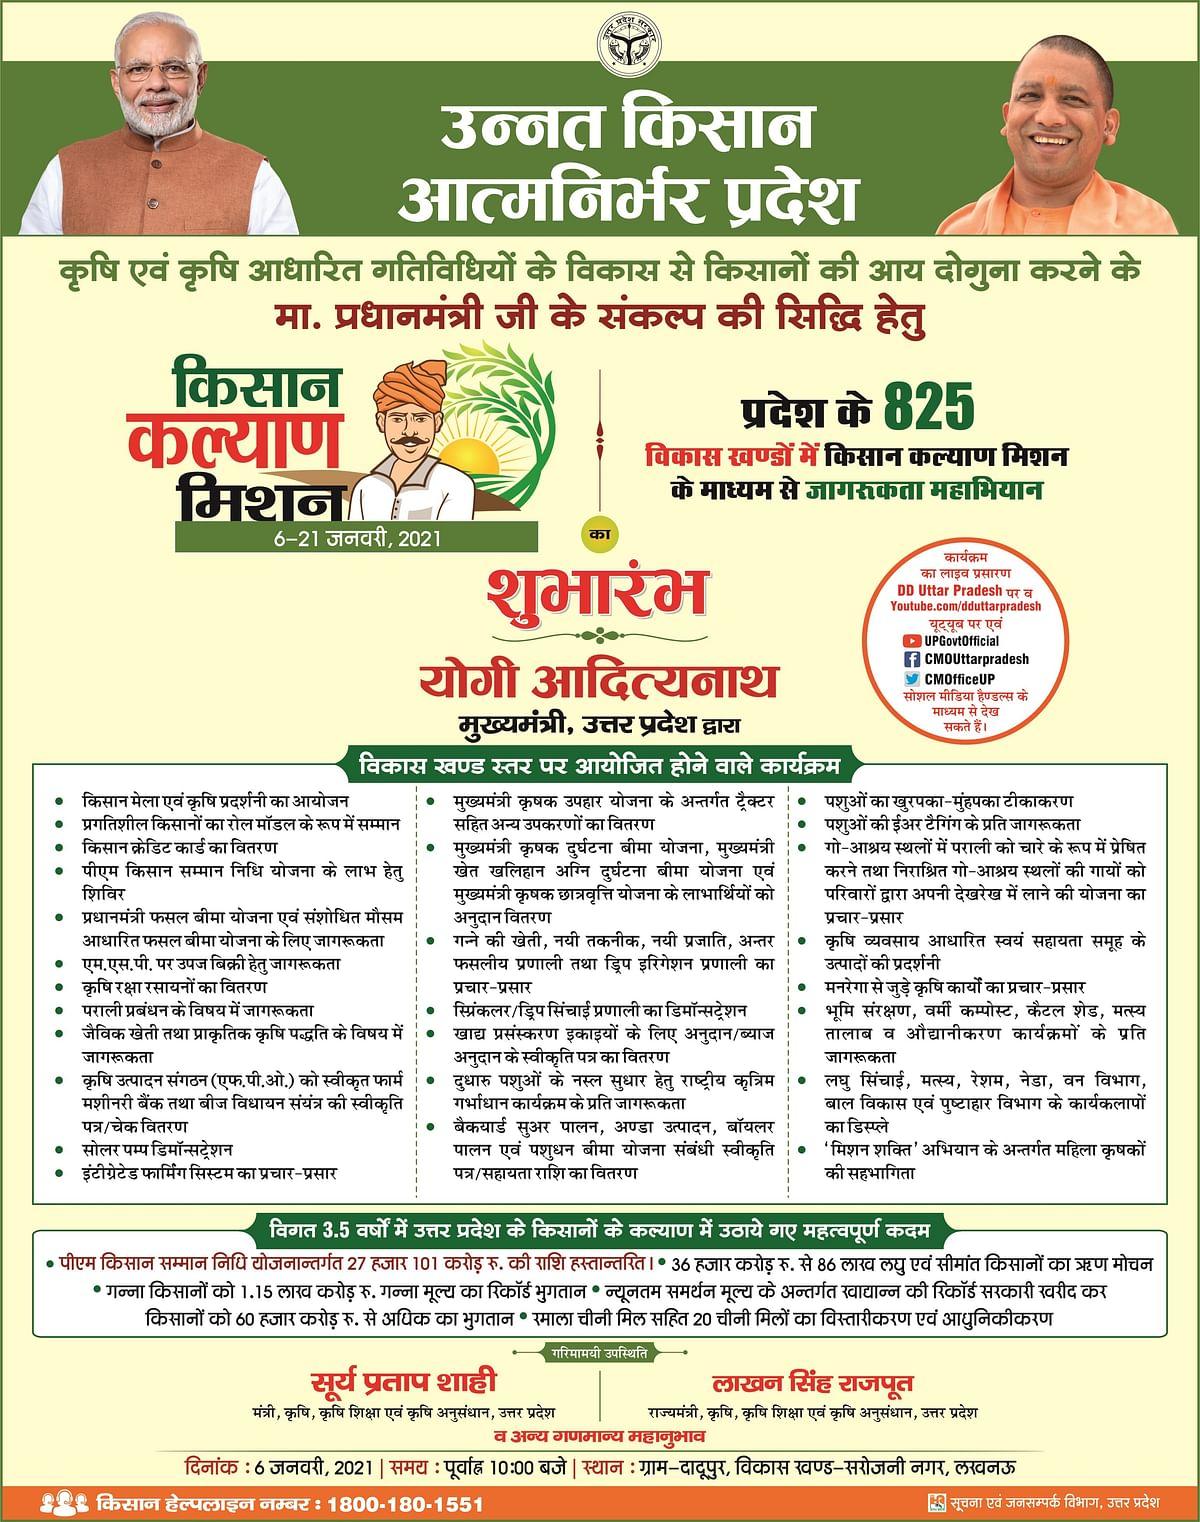 किसान कल्याण मिशन को लेकर योगी सरकार द्वारा दिया गया विज्ञापन